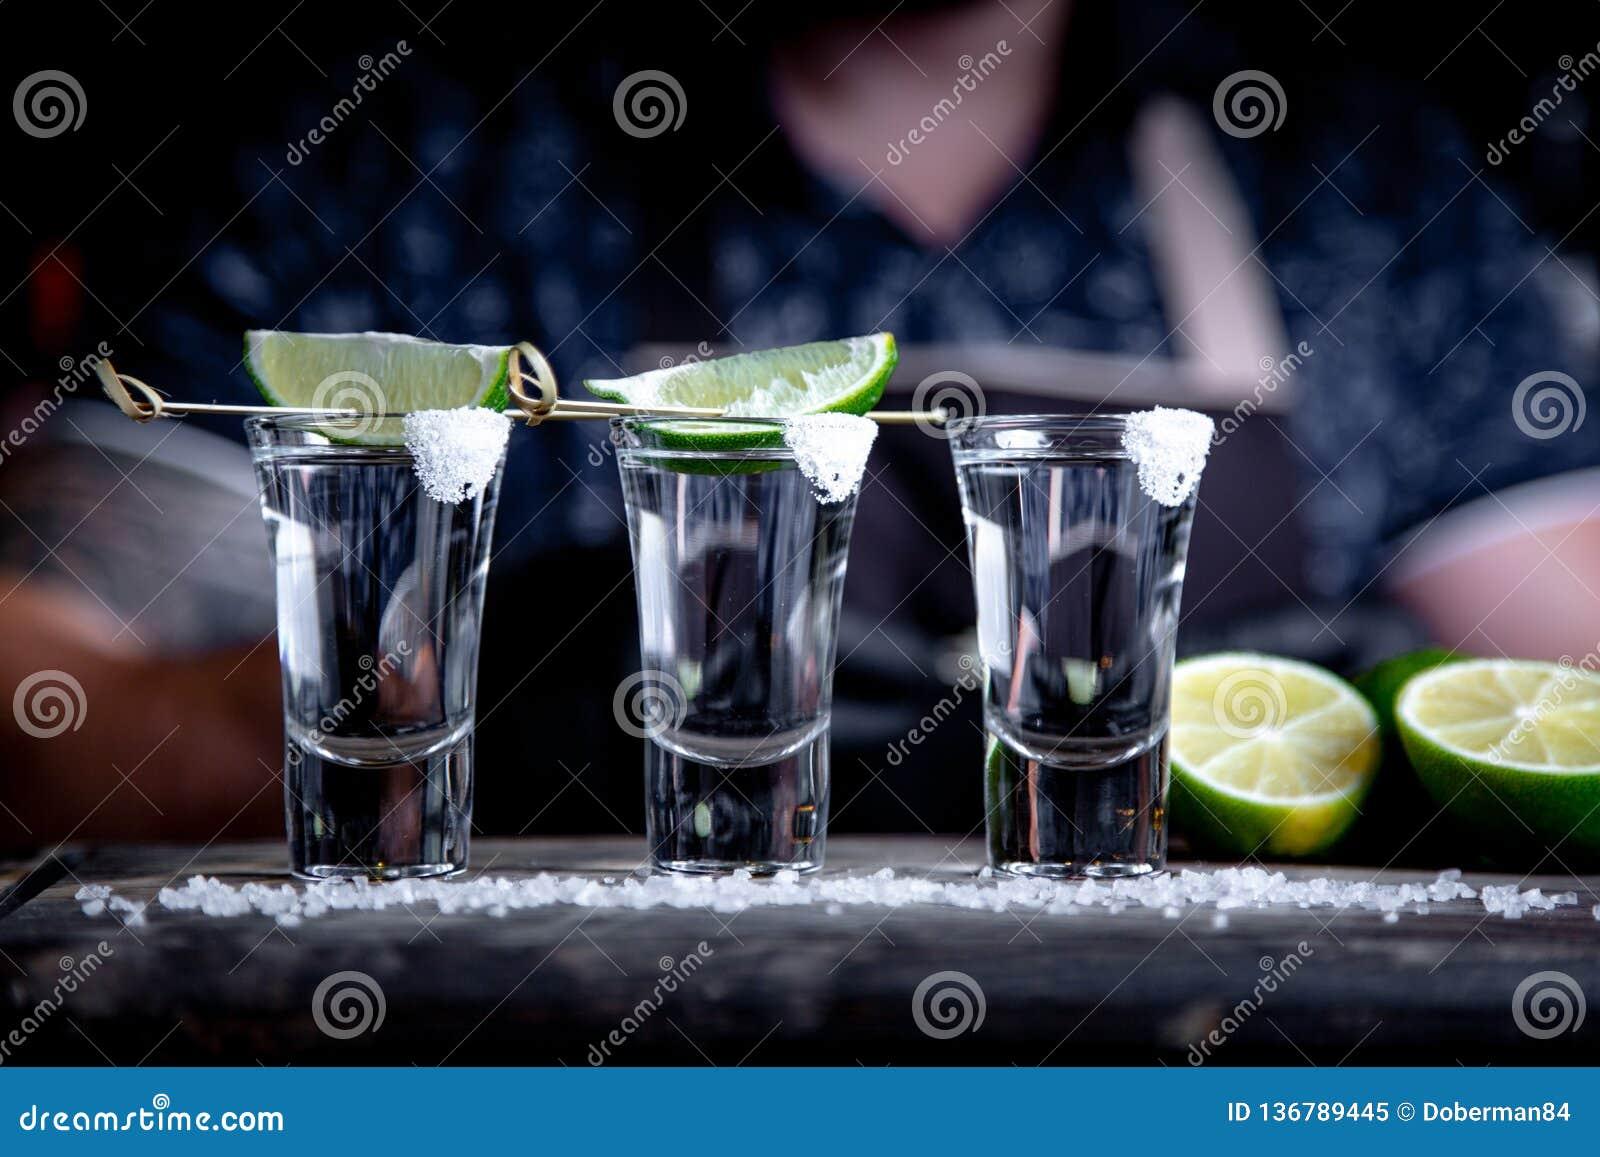 Barman die harde geest gieten in kleine glazen zoals alcoholische schoten van tequila of sterke drank